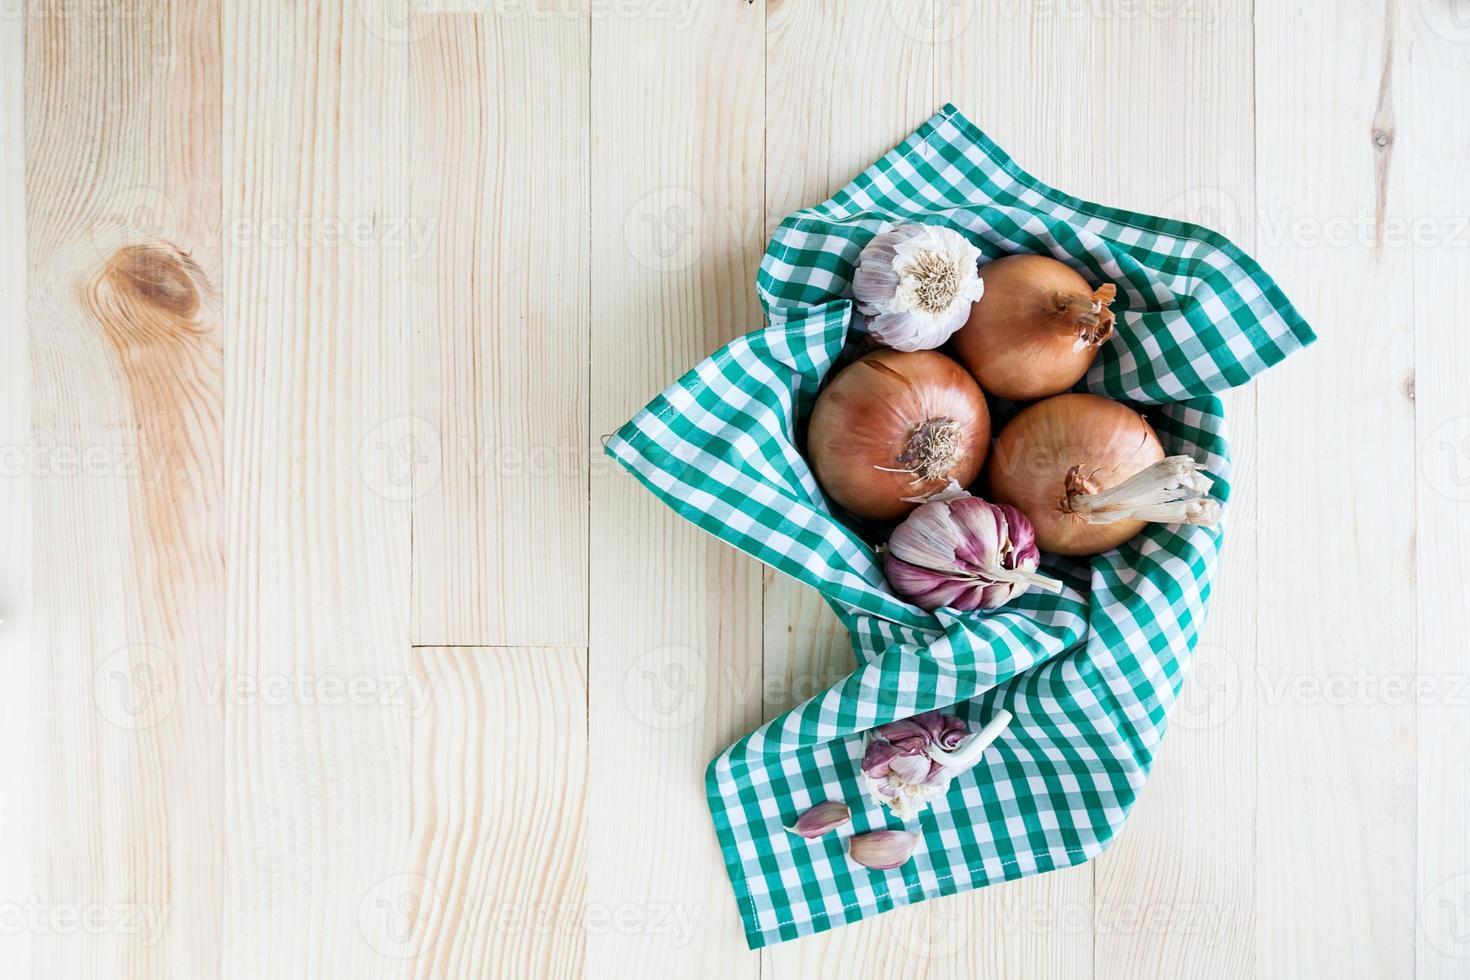 composição de cebola e alho na cesta na mesa de madeira foto